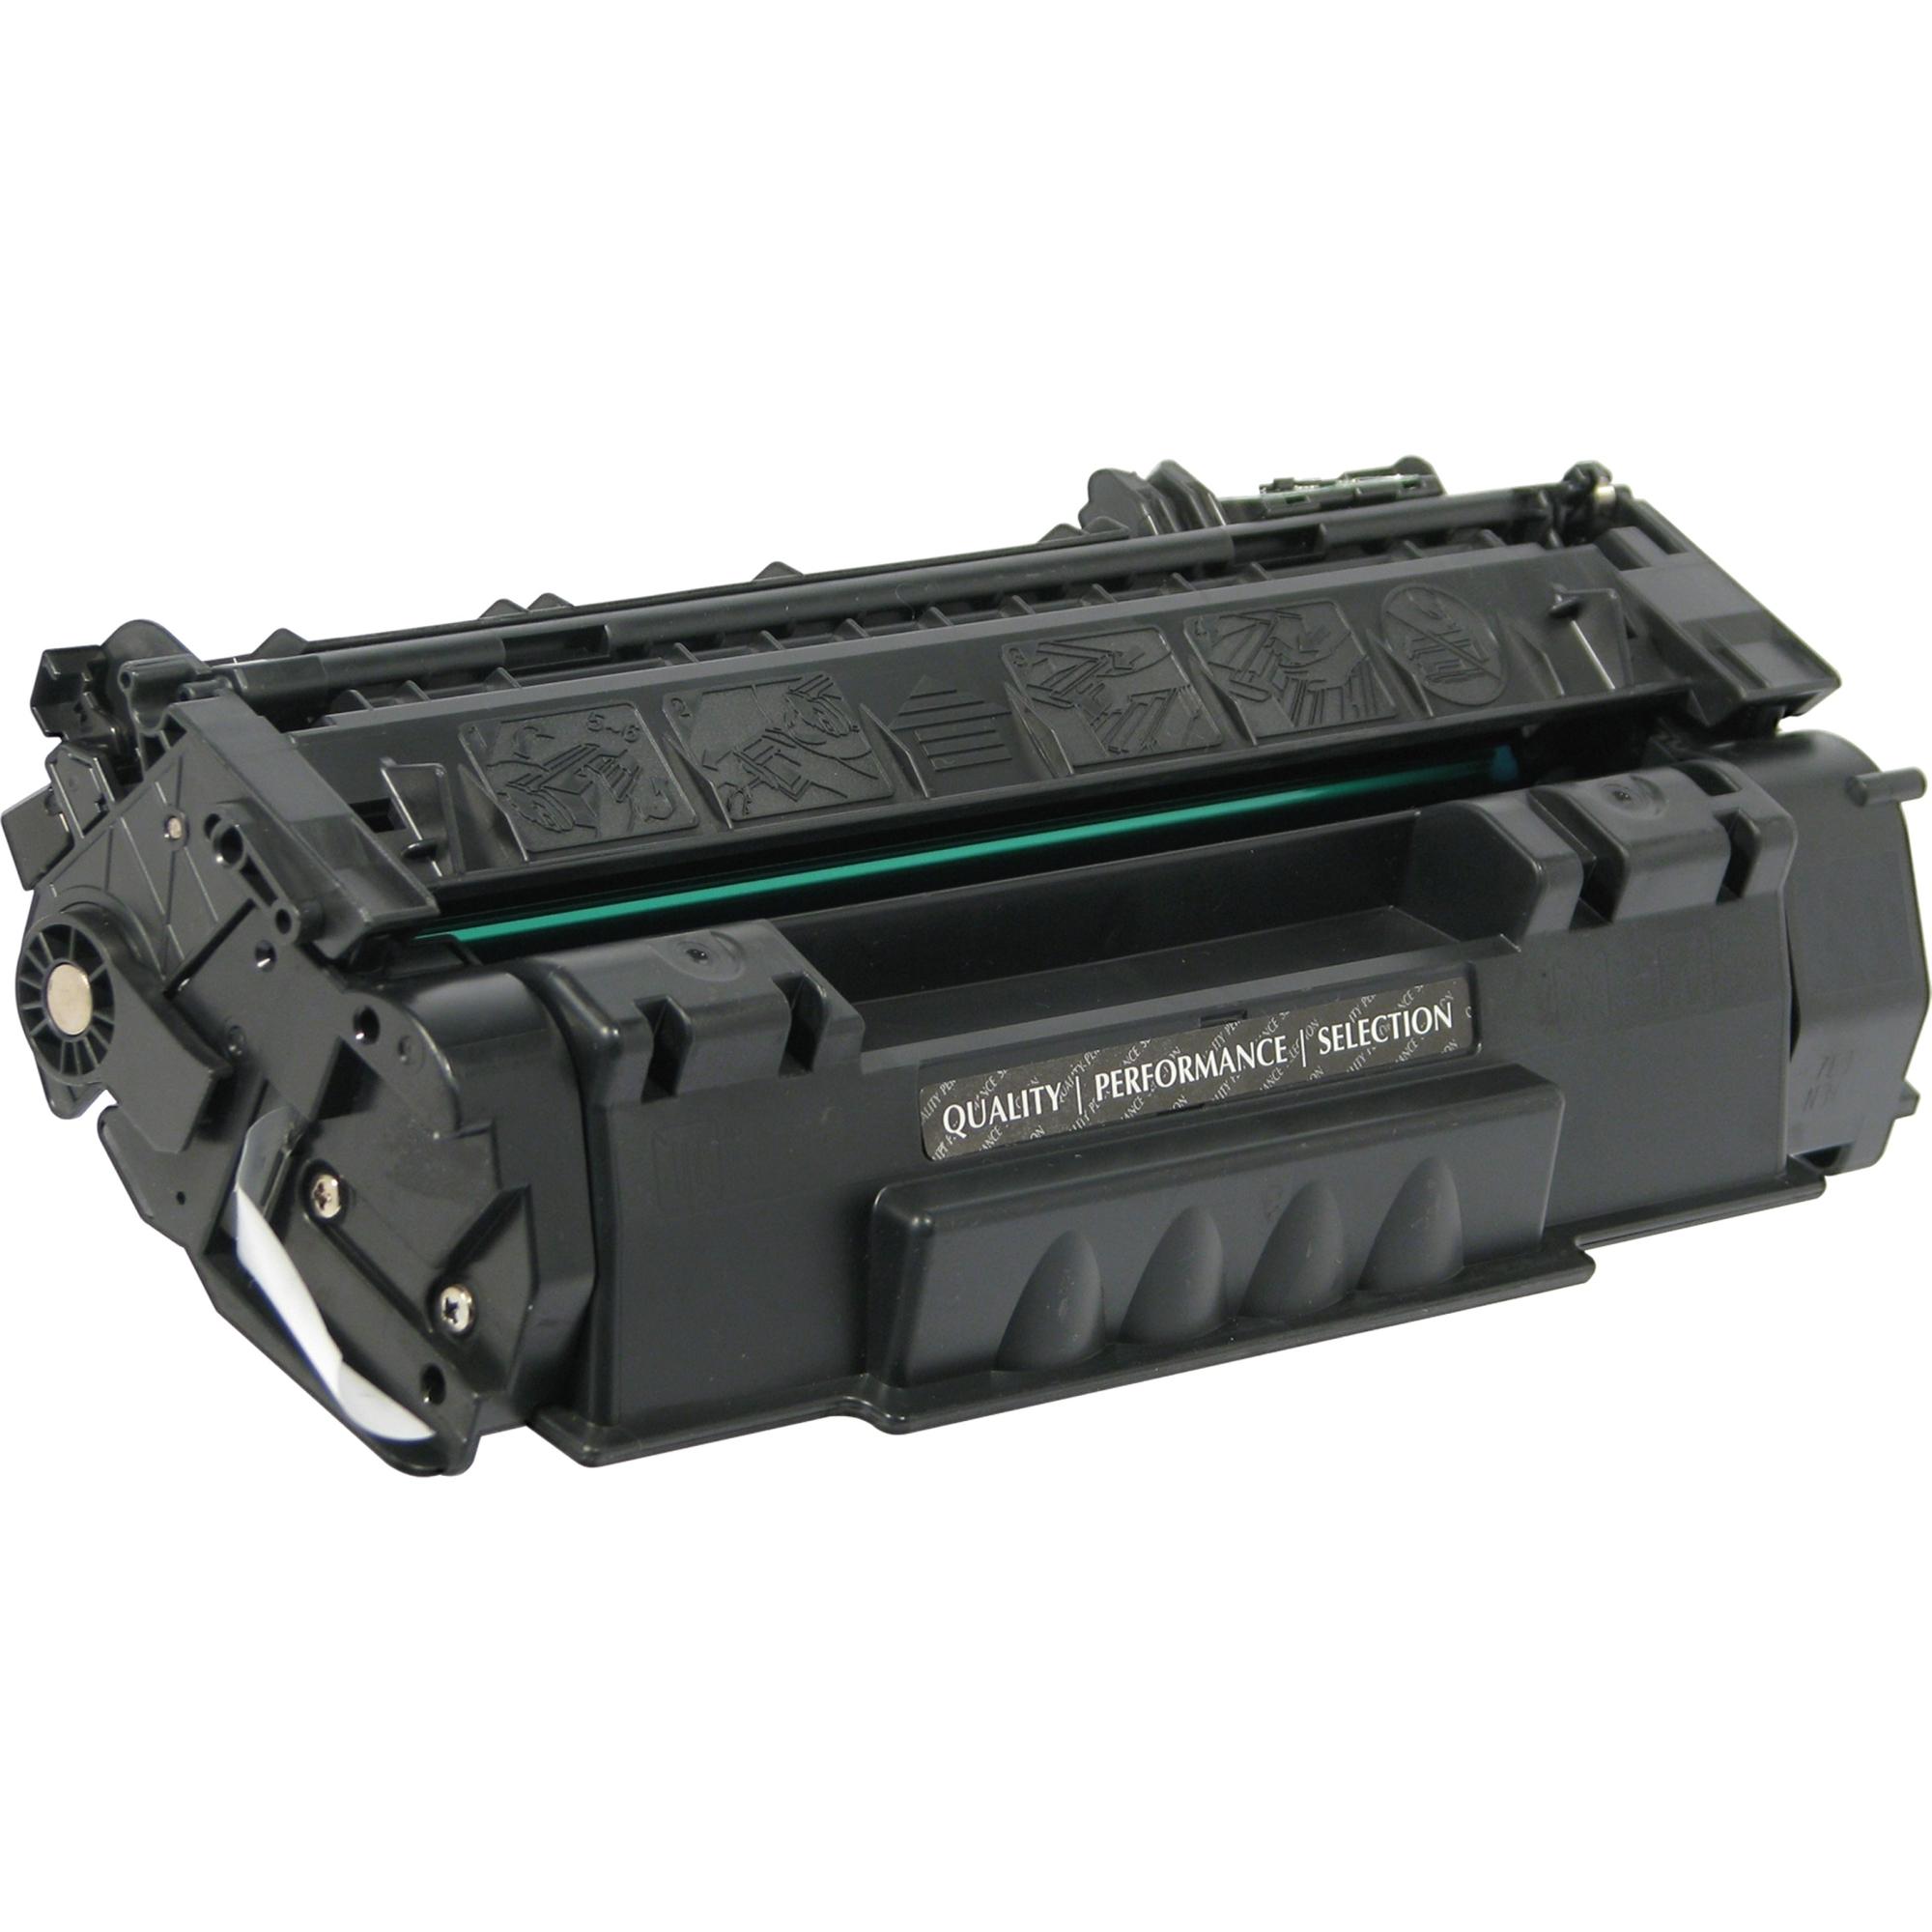 Black Toner Cartridge for HP LaserJet 1160 - Laser - 2500 Page